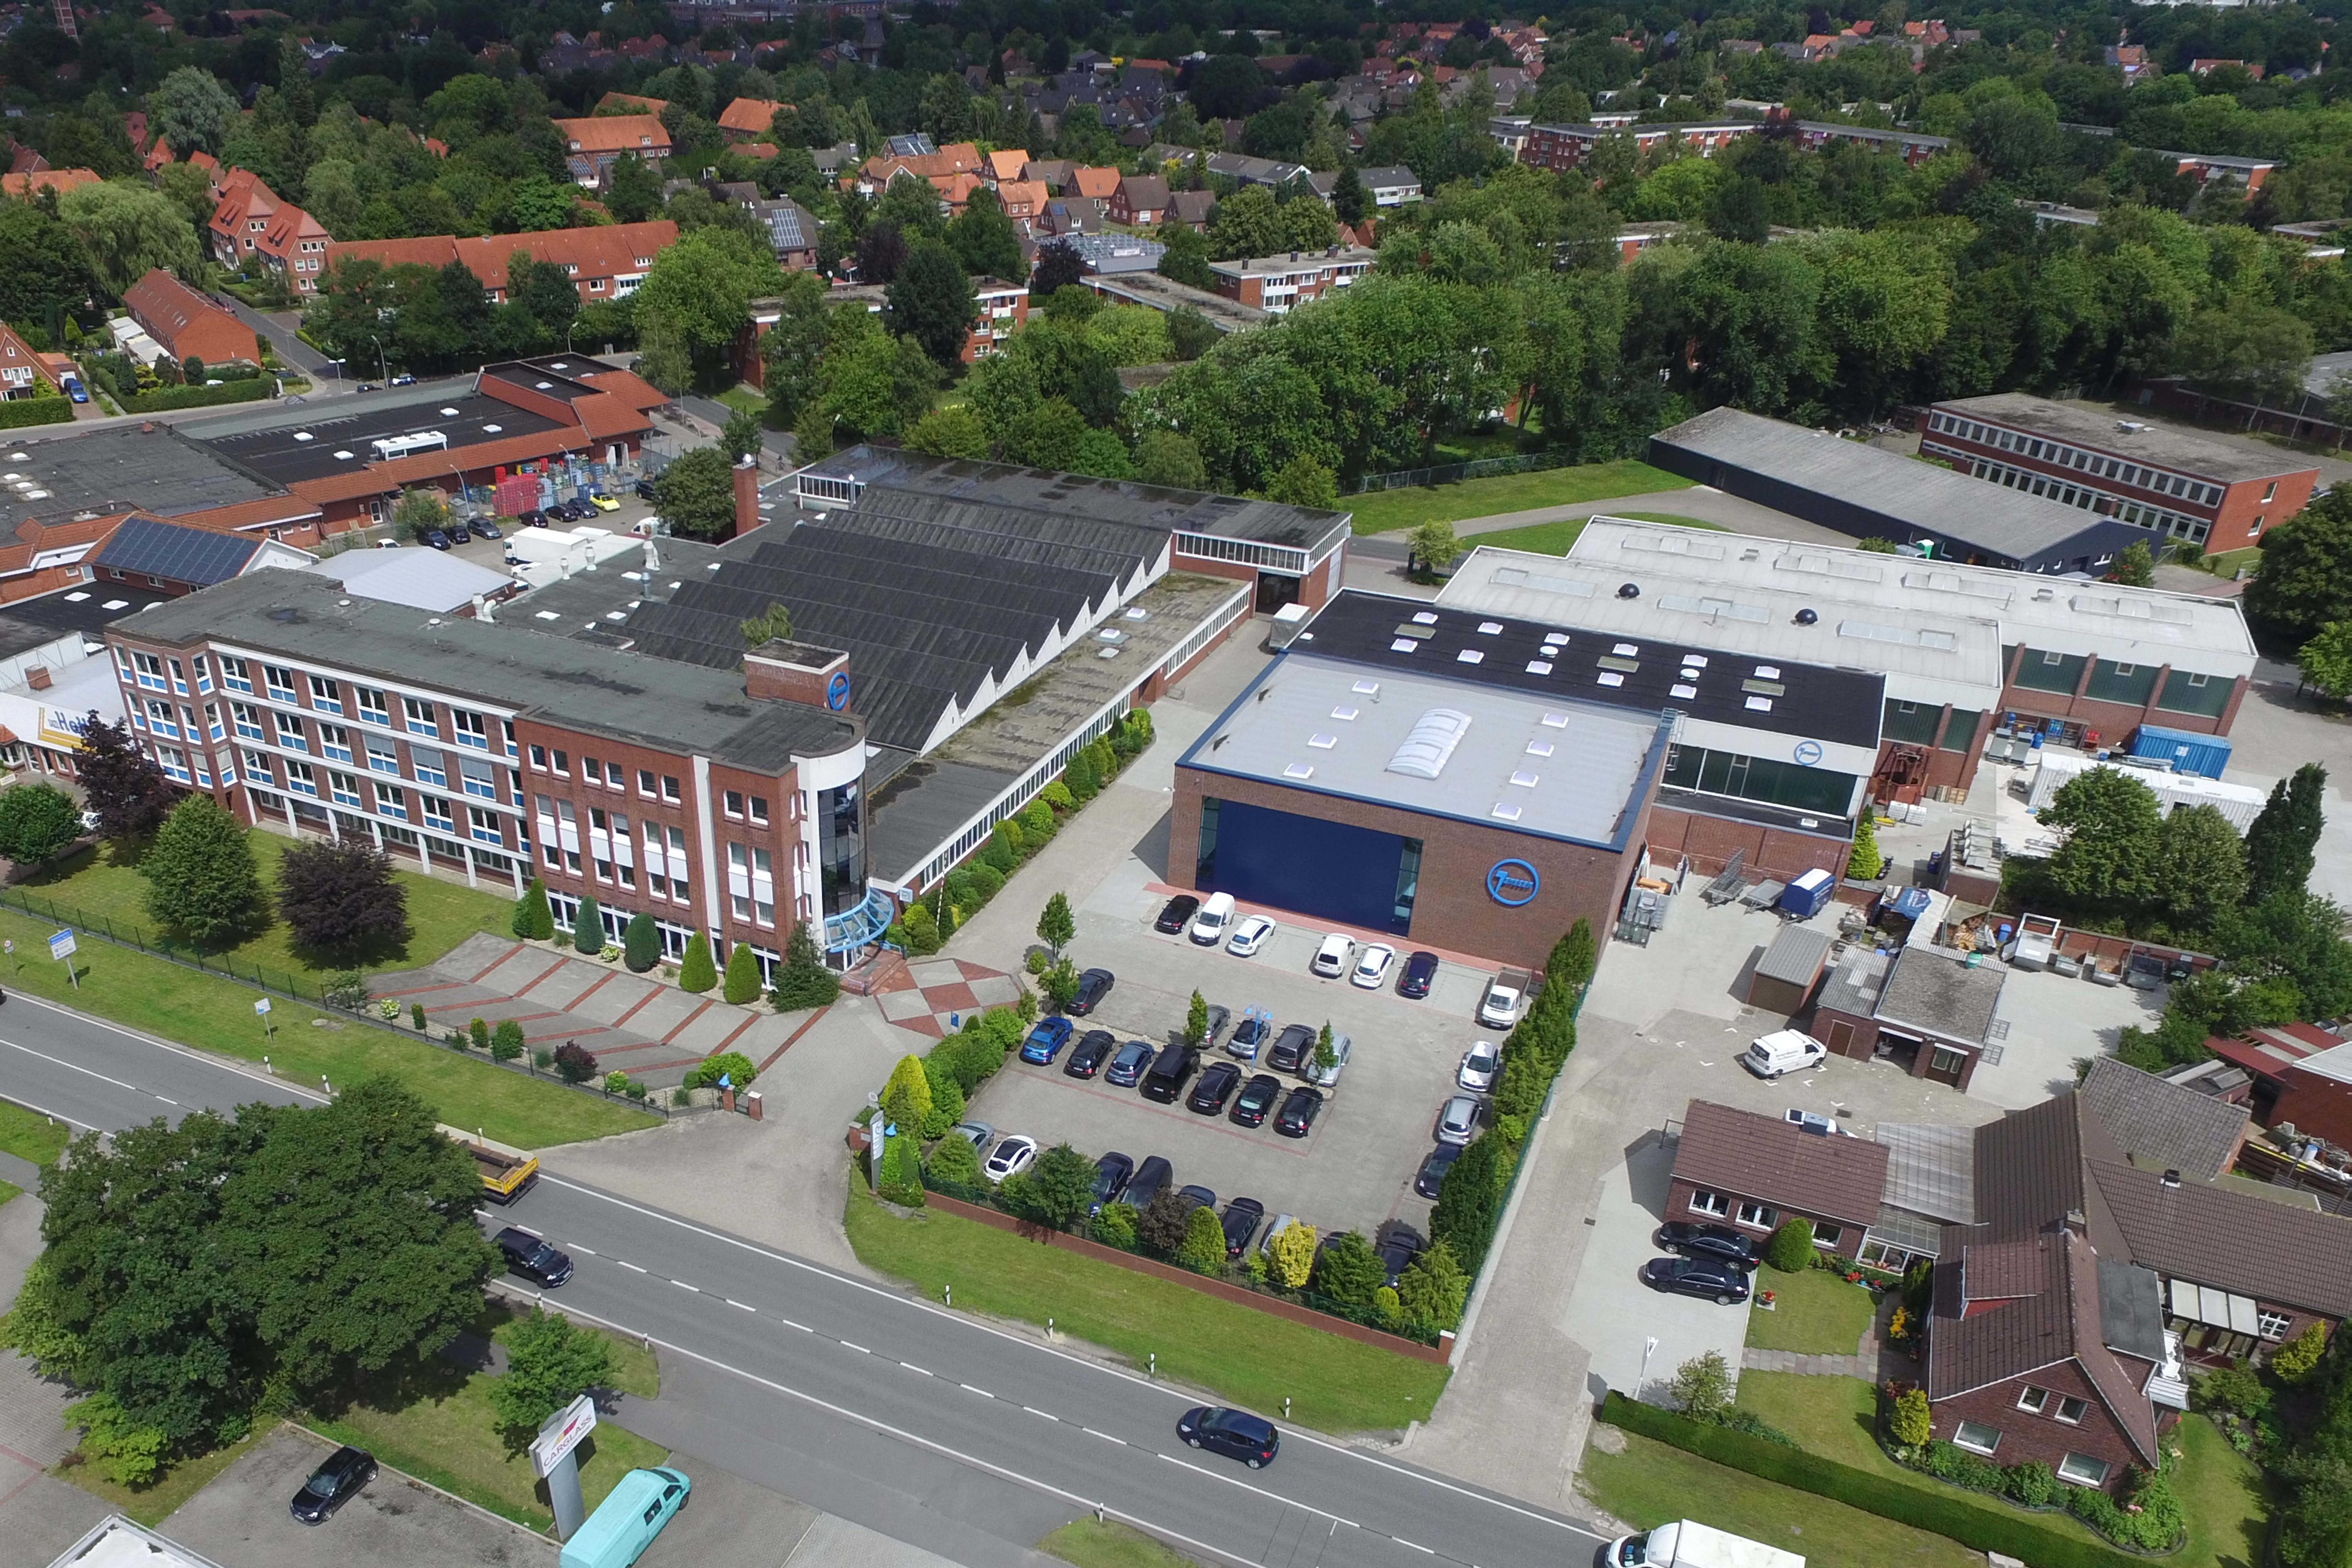 Rolf Janssen GmbH.jpg – Rolf Janssen GmbH Elektrotechnische Werke